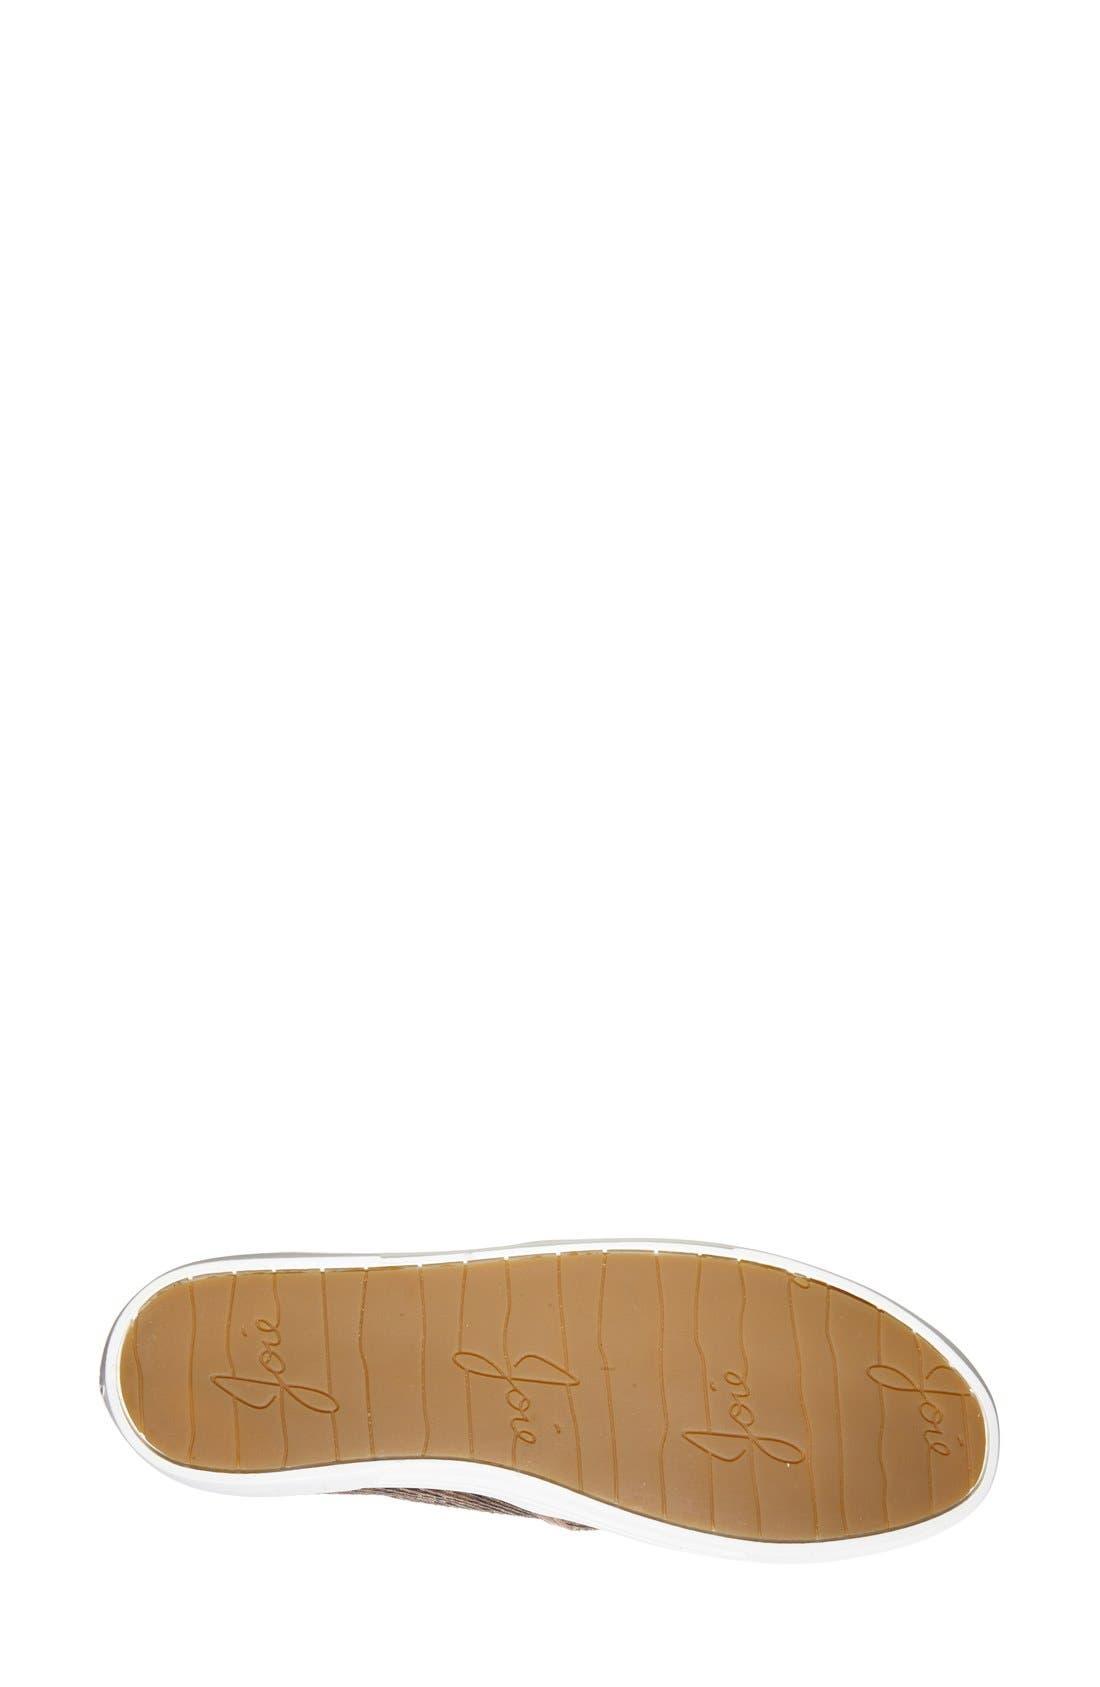 'Kidmore' Sneaker,                             Alternate thumbnail 19, color,